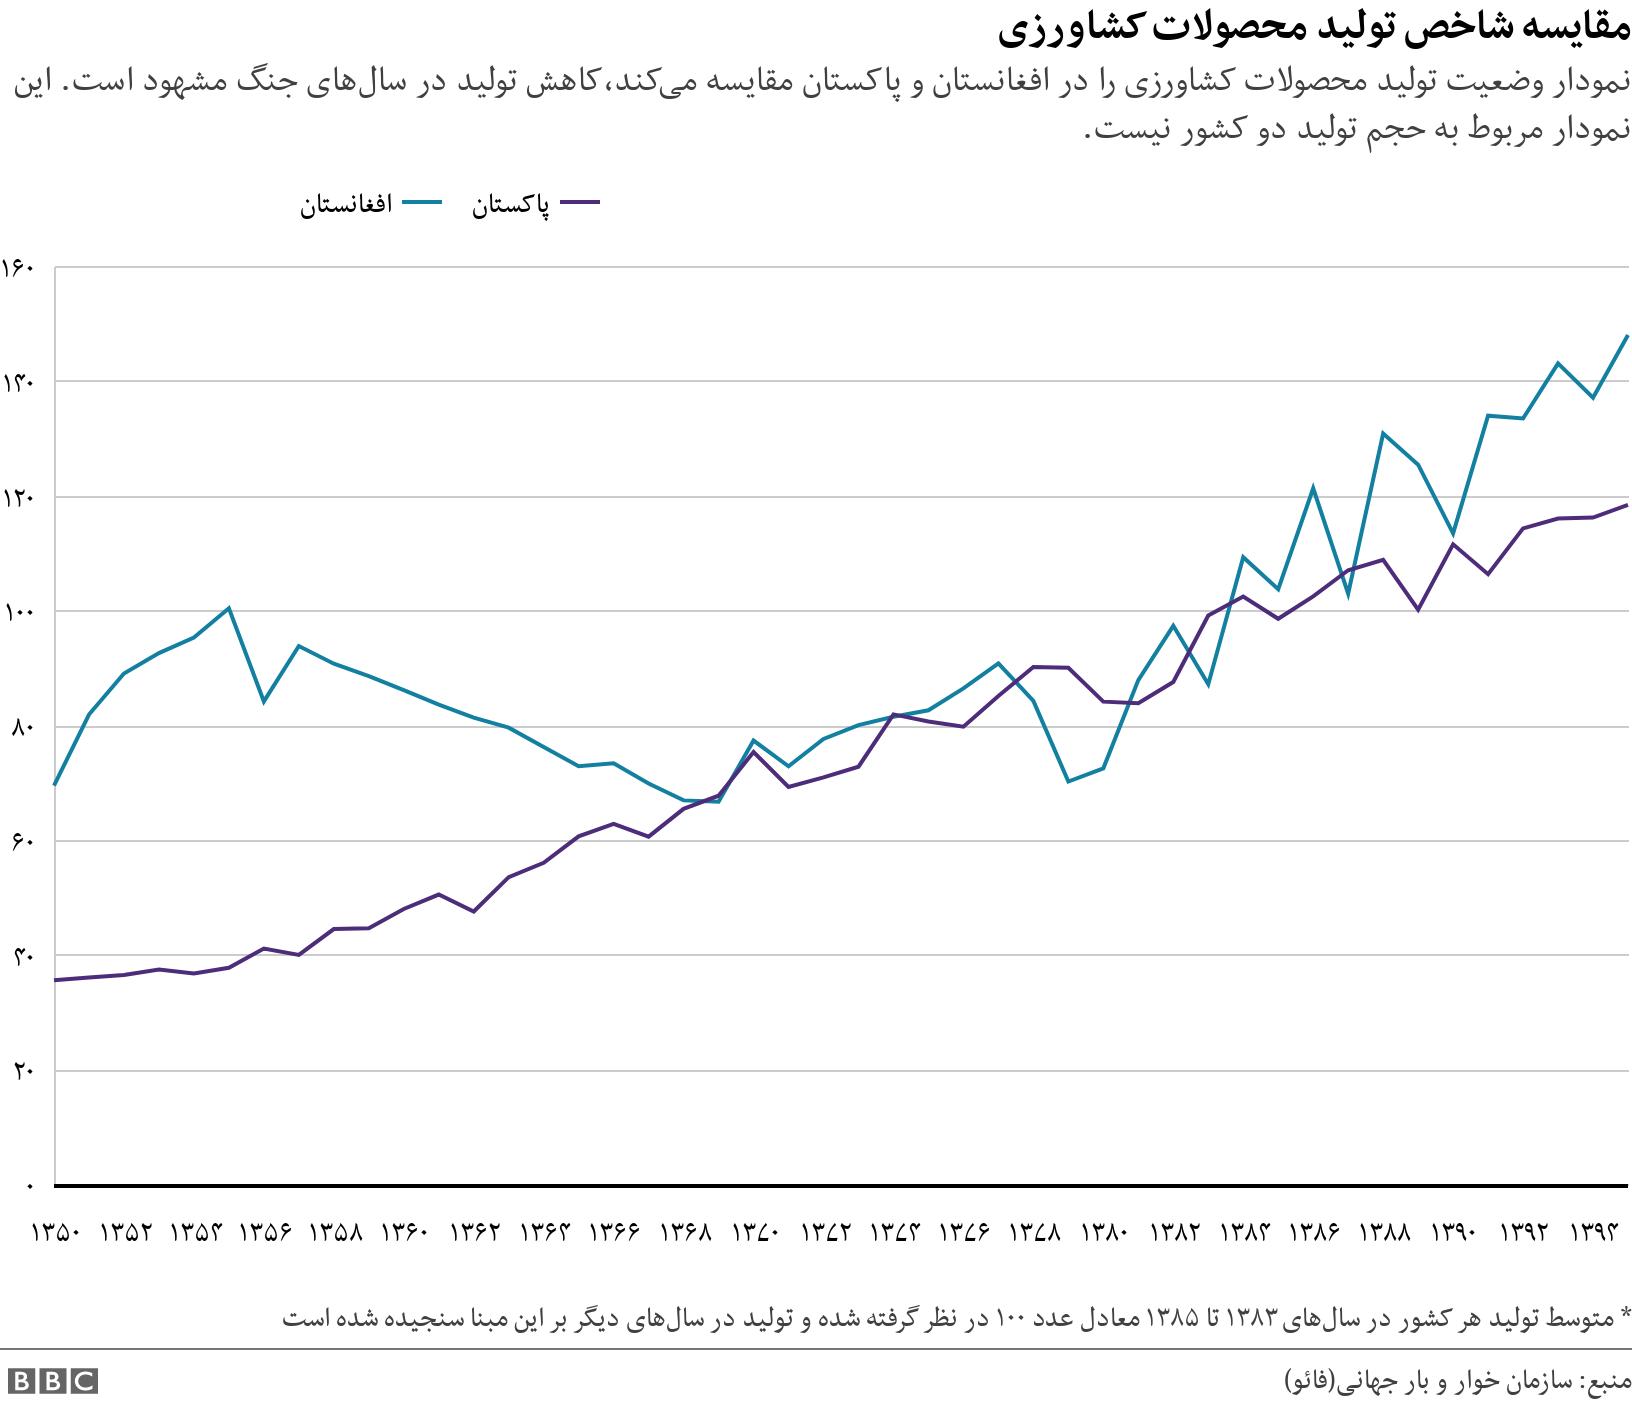 مقایسه شاخص تولید محصولات کشاورزی. نمودار وضعیت تولید محصولات کشاورزی را در افغانستان و پاکستان مقایسه میکند،کاهش تولید در سالهای جنگ مشهود است. این نمودار مربوط به حجم تولید دو کشور نیست..  * متوسط تولید هر کشور در سالهای ۱۳۸۳ تا ۱۳۸۵ معادل عدد ۱۰۰ در نظر گرفته شده و تولید در سالهای دیگر بر این مبنا سنجیده شده است.